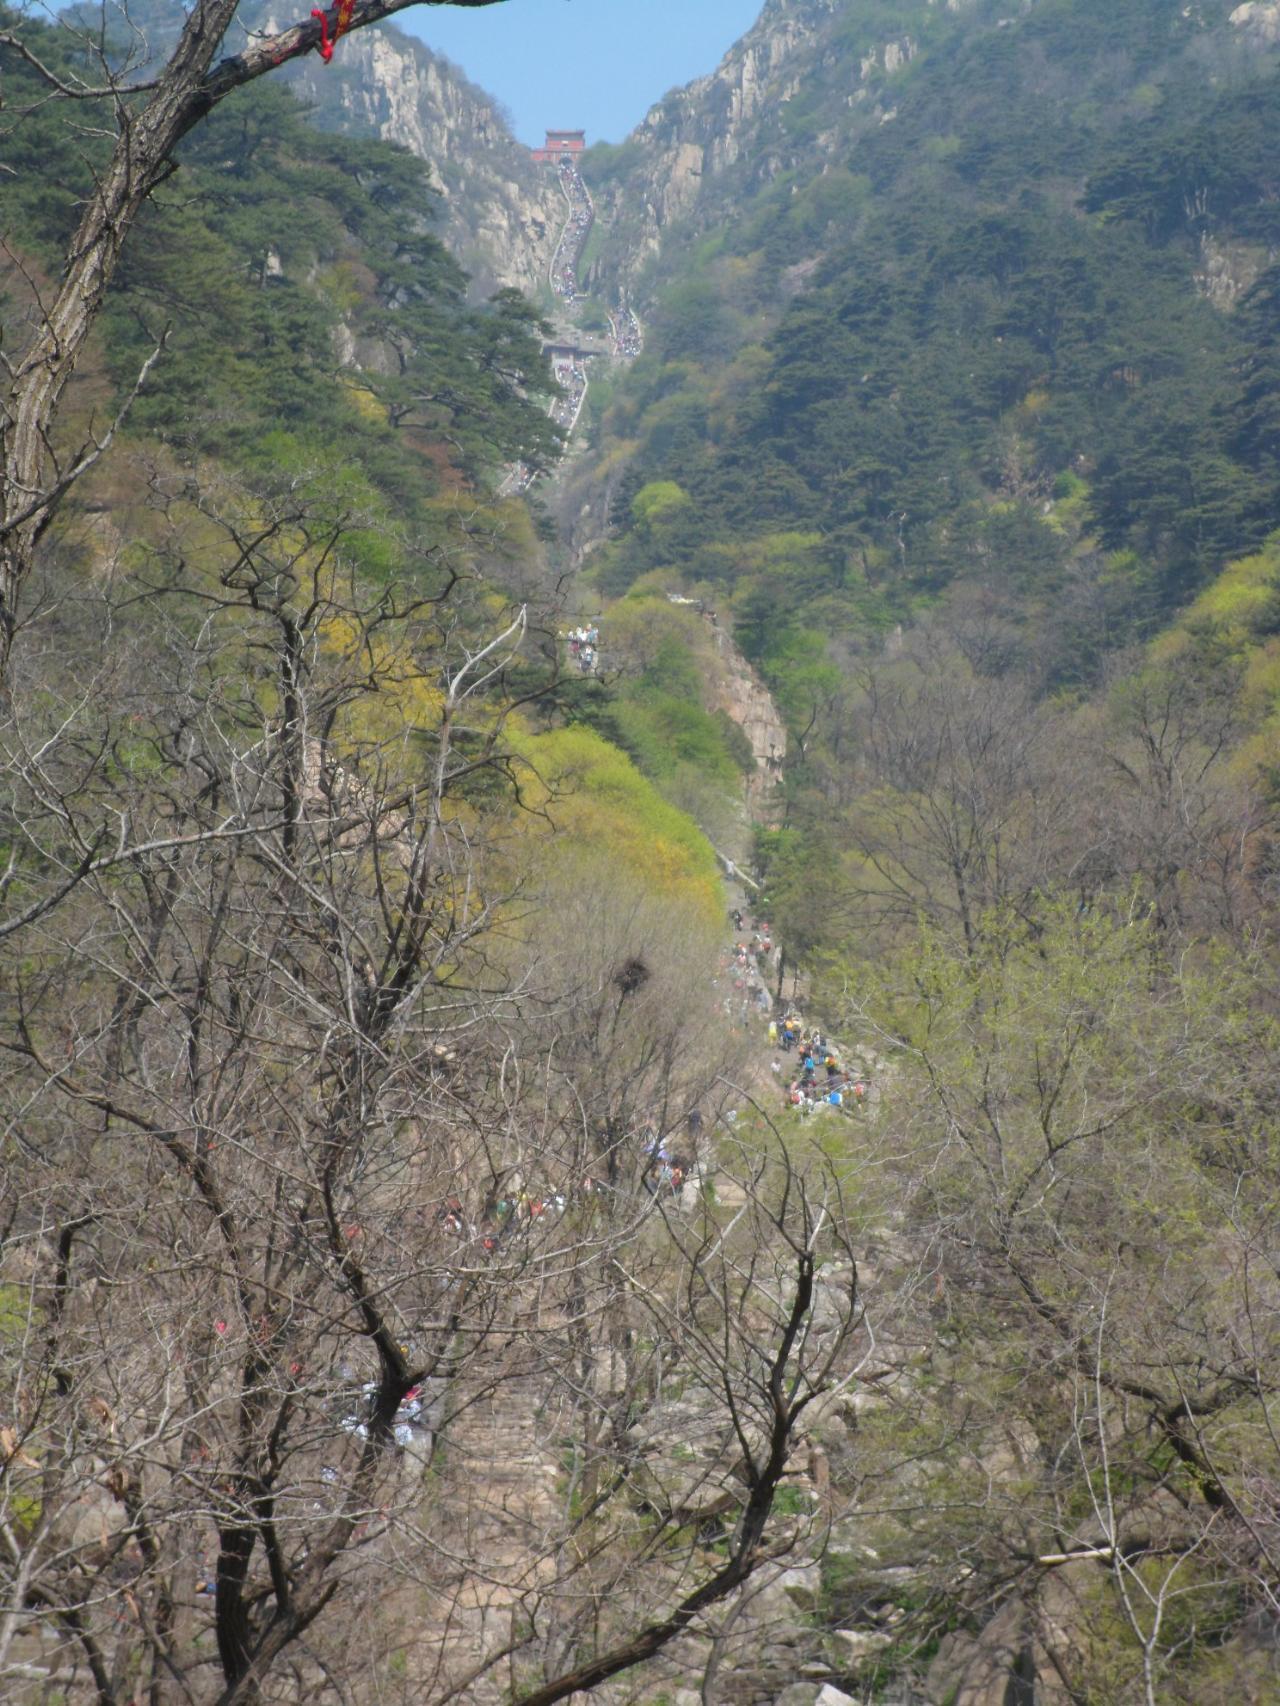 泰山风景区全景壁纸